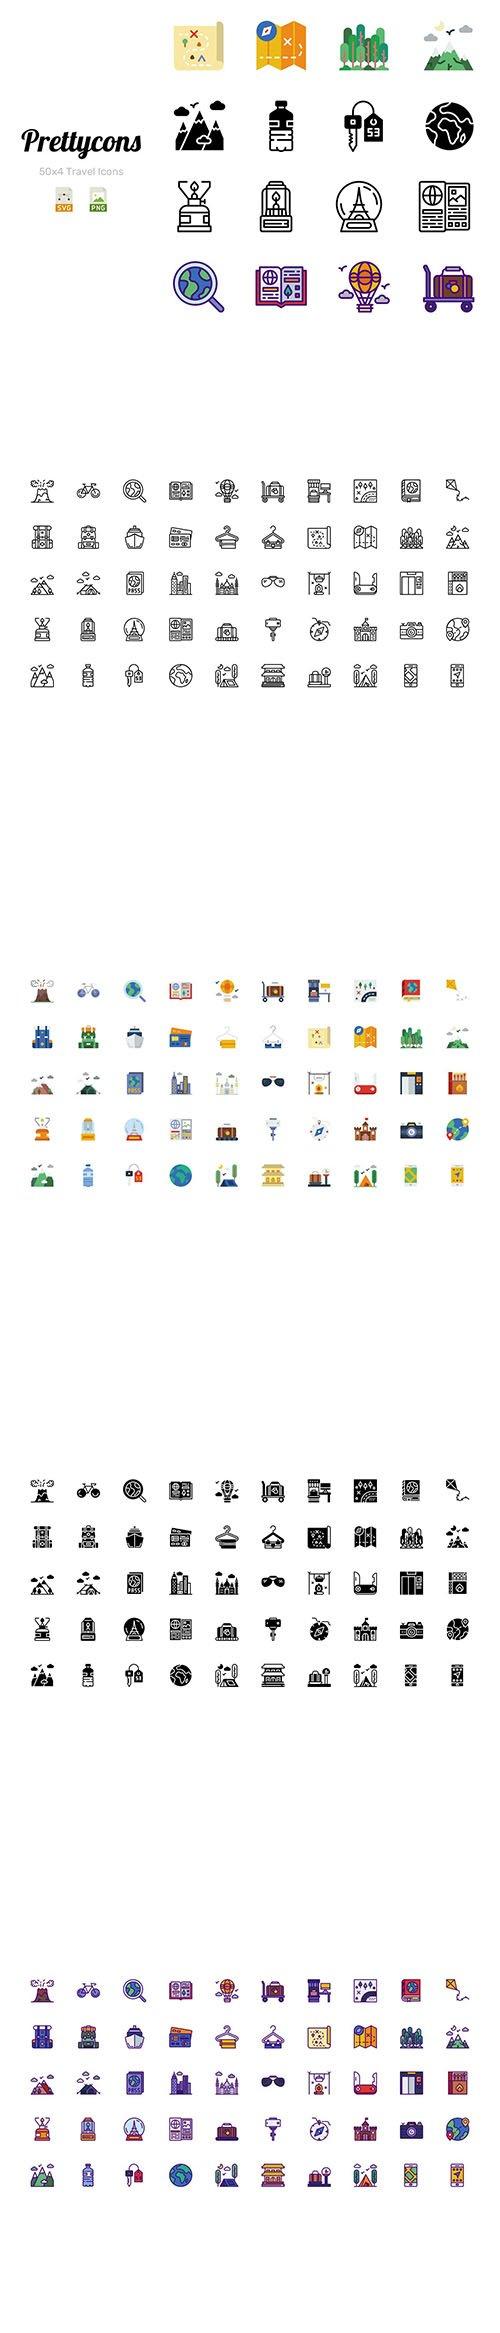 Prettycons - 200 Travel Icons Vol.1